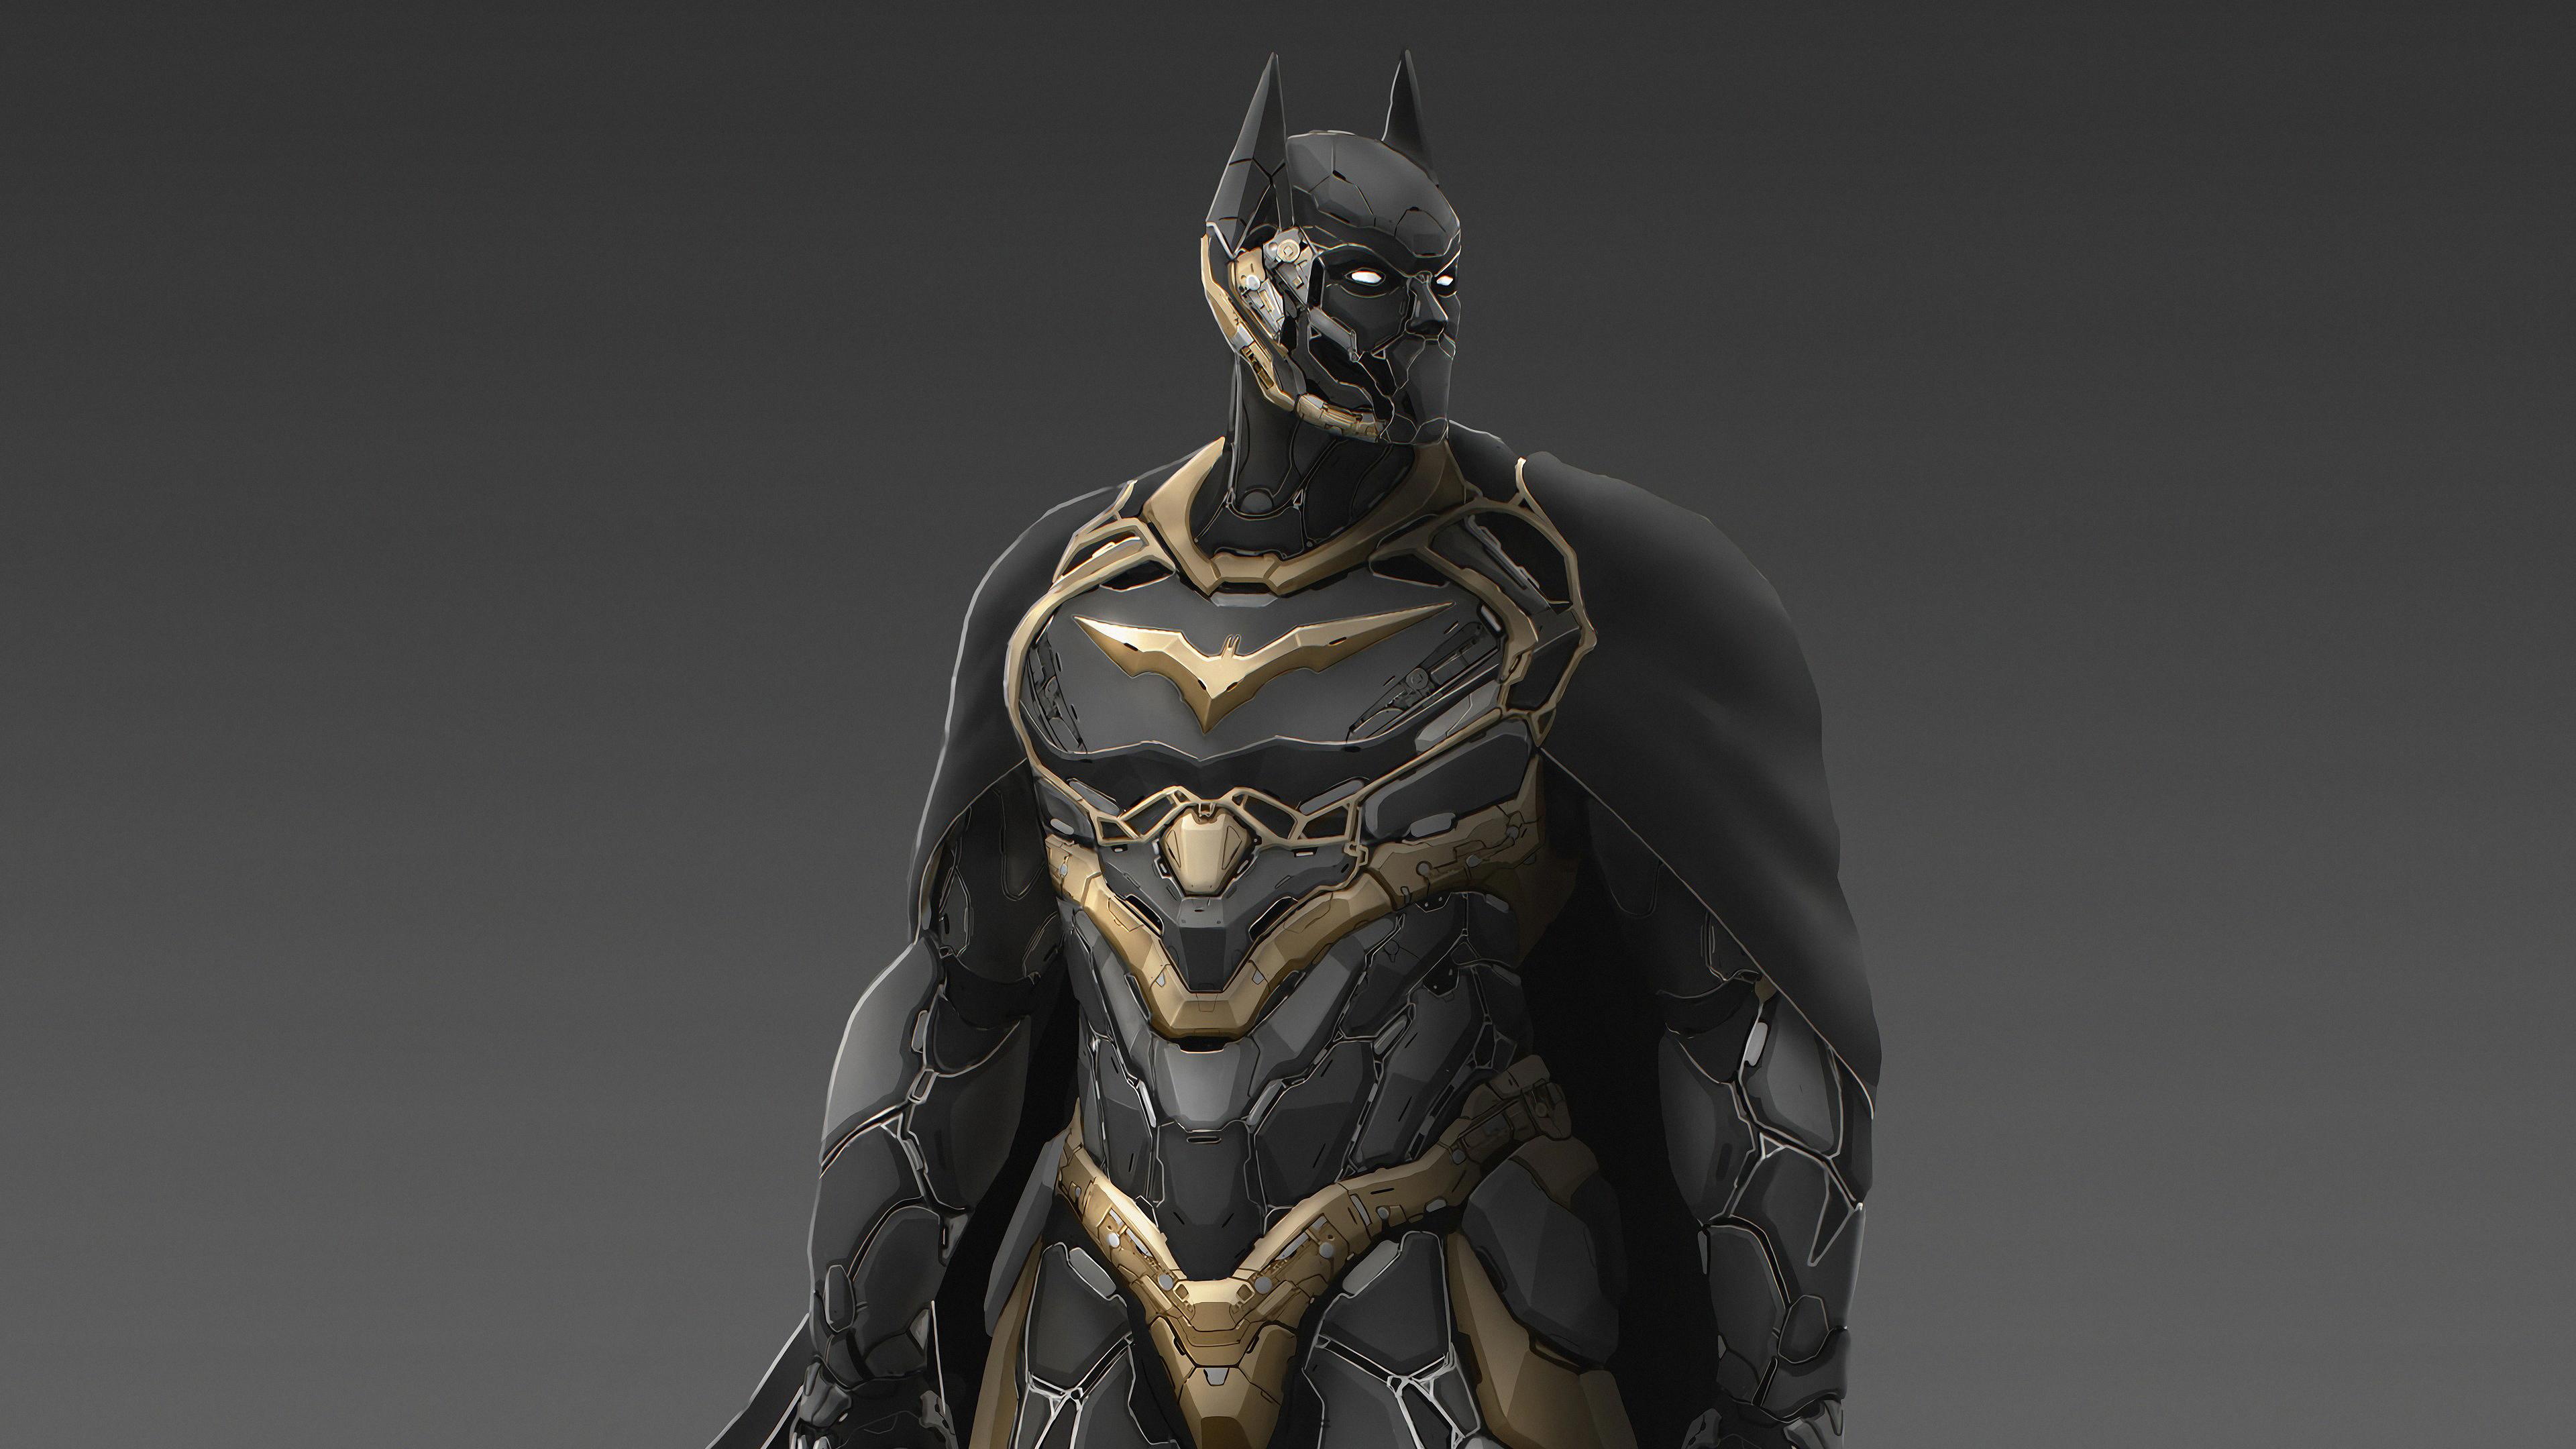 super batman 1569186351 - Super Batman - superheroes wallpapers, hd-wallpapers, digital art wallpapers, batman wallpapers, artwork wallpapers, artstation wallpapers, 4k-wallpapers